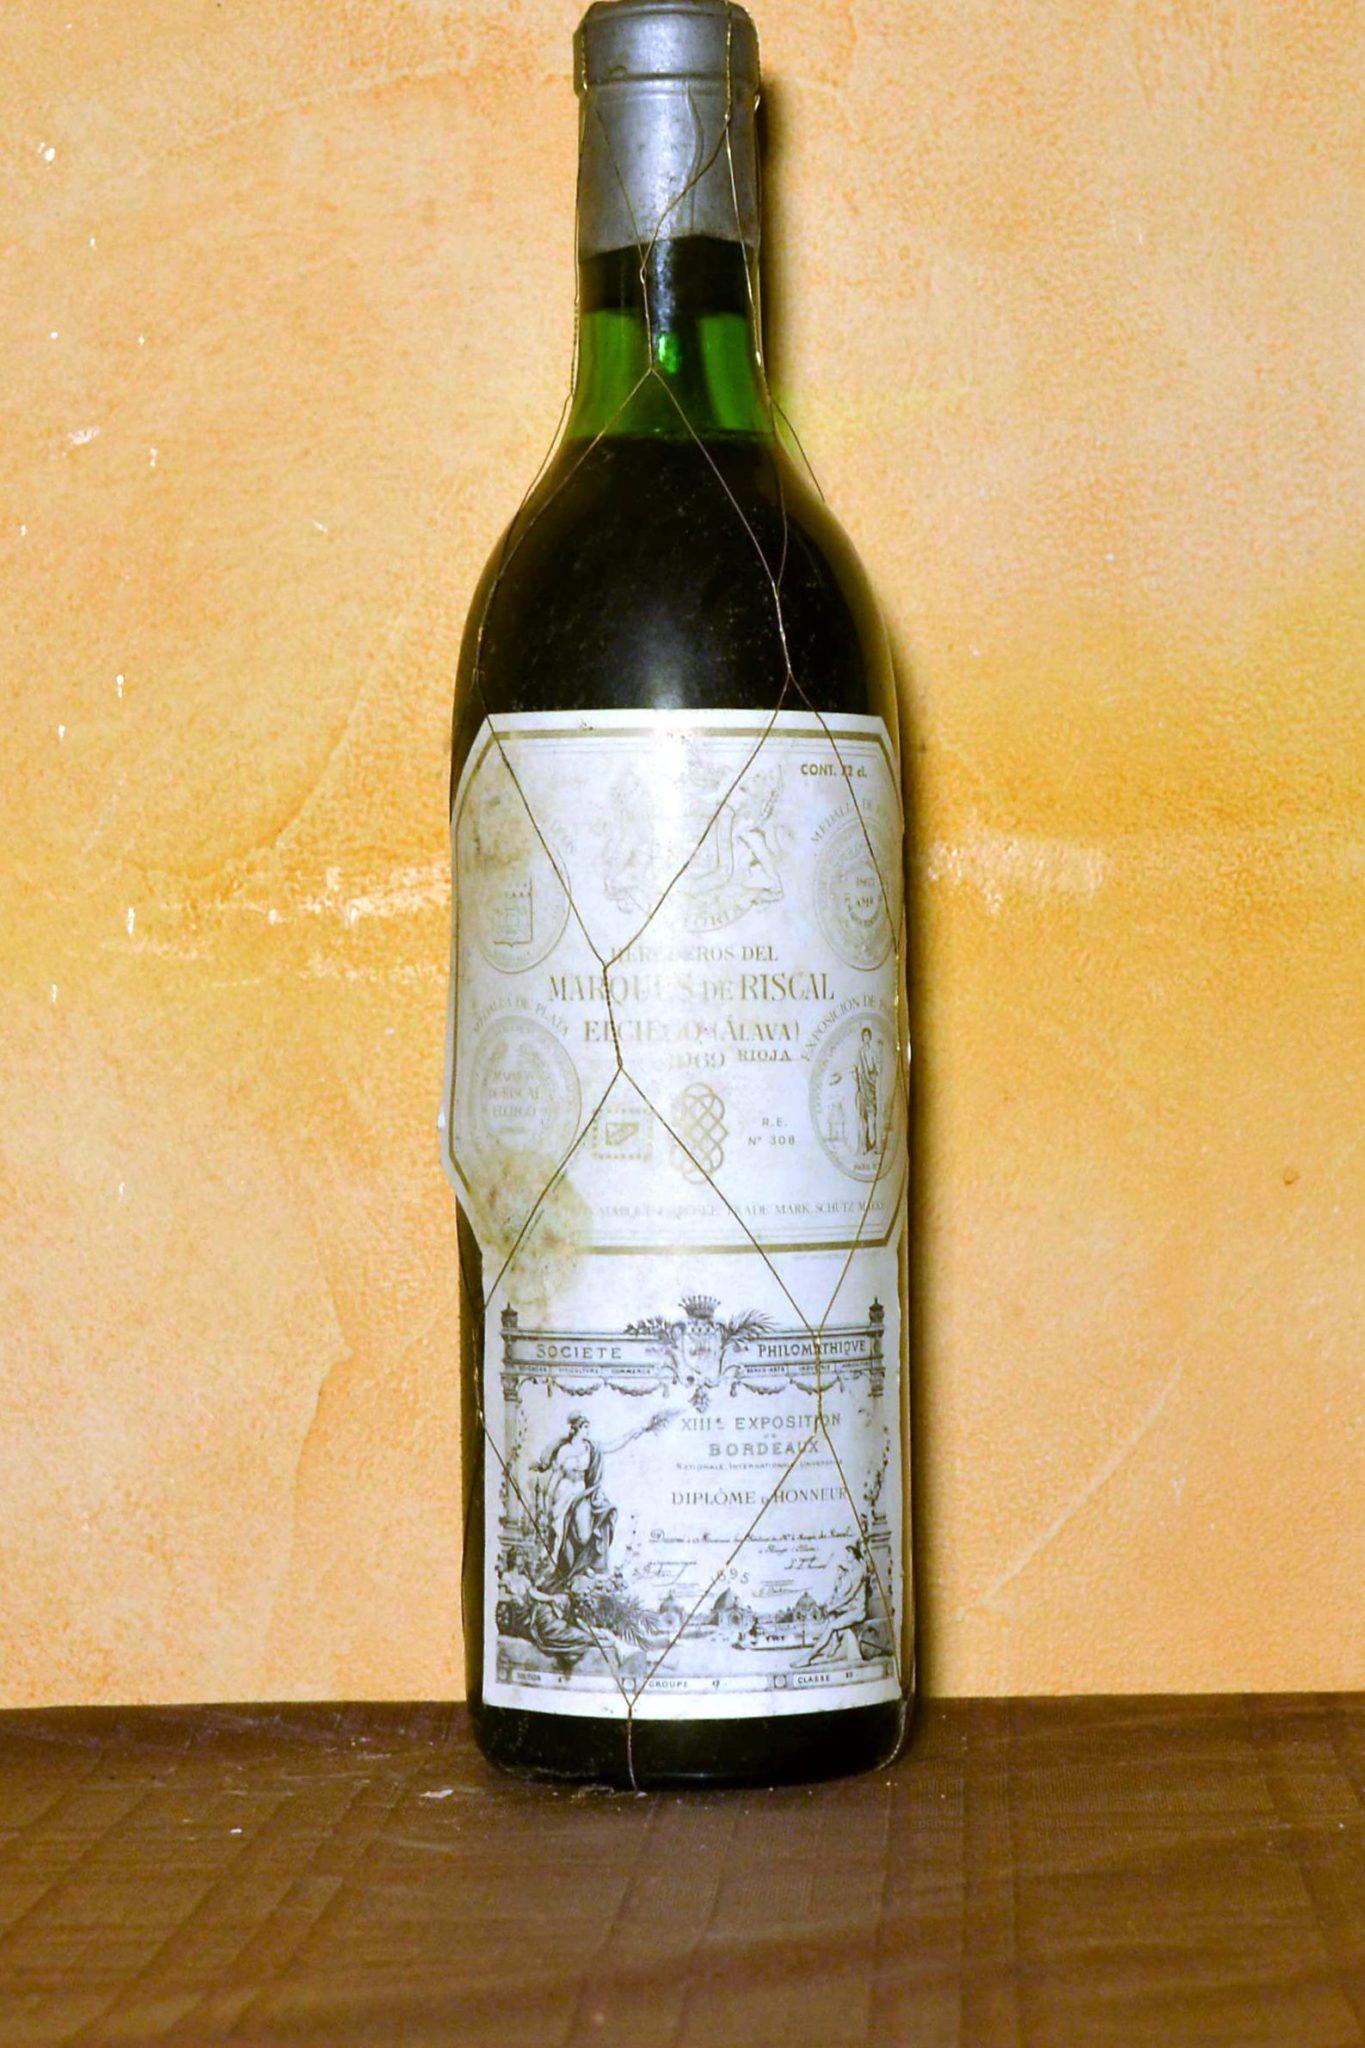 Marques de Riscal 1969